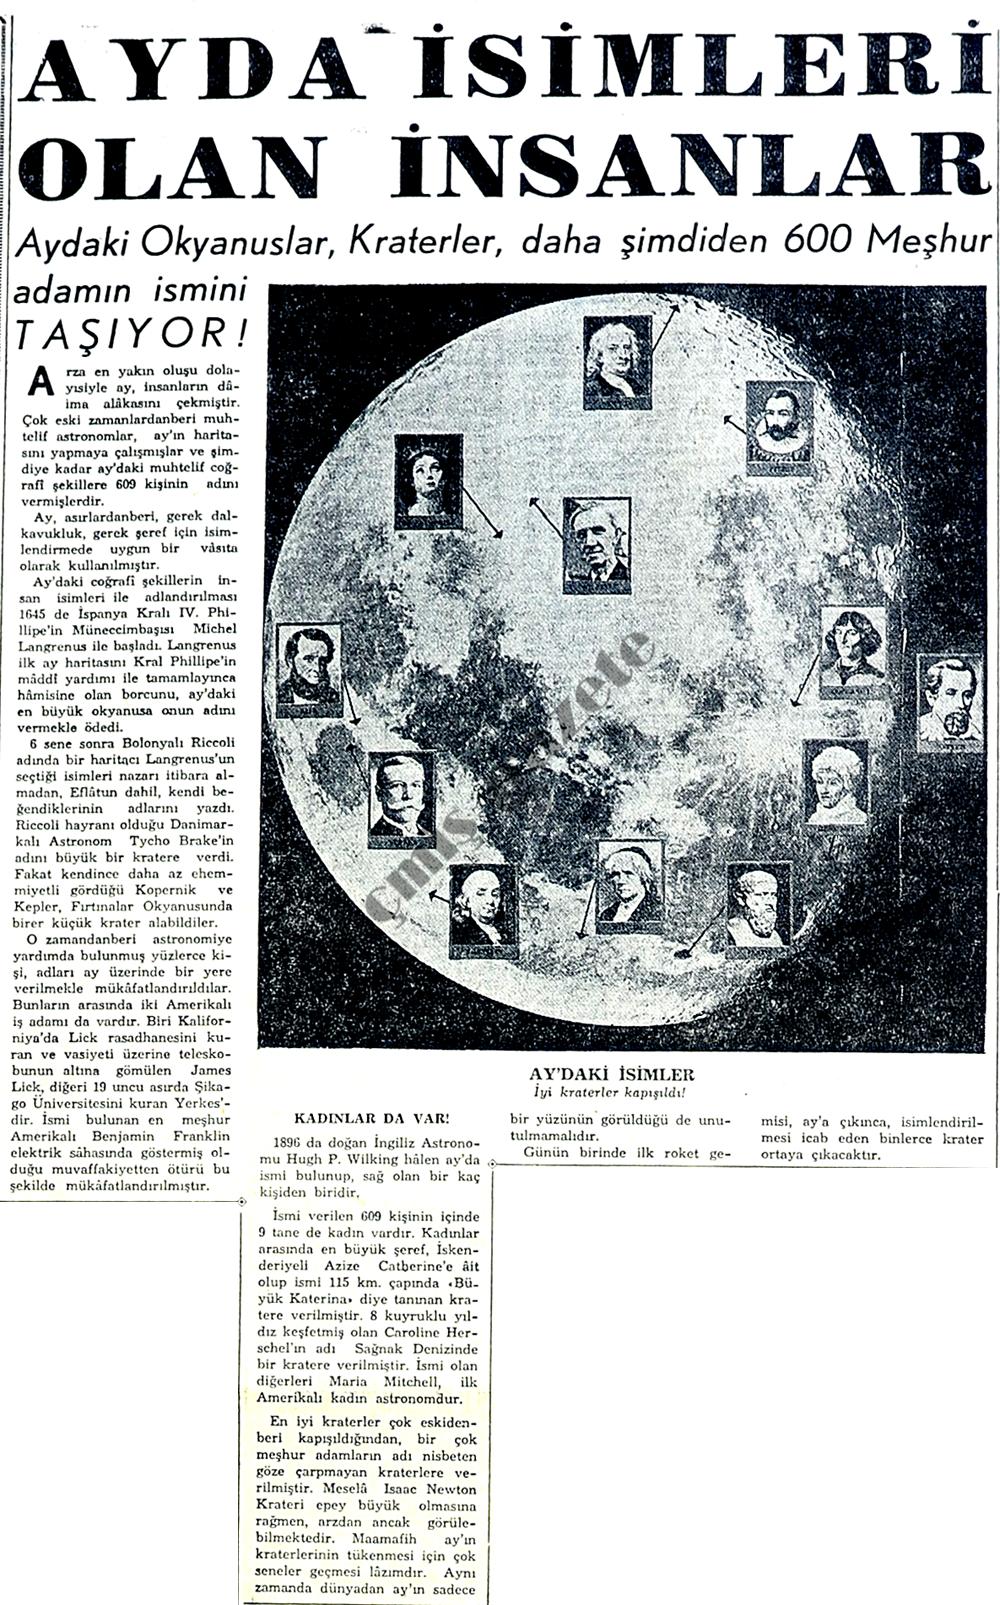 Ayda isimleri olan insanlar